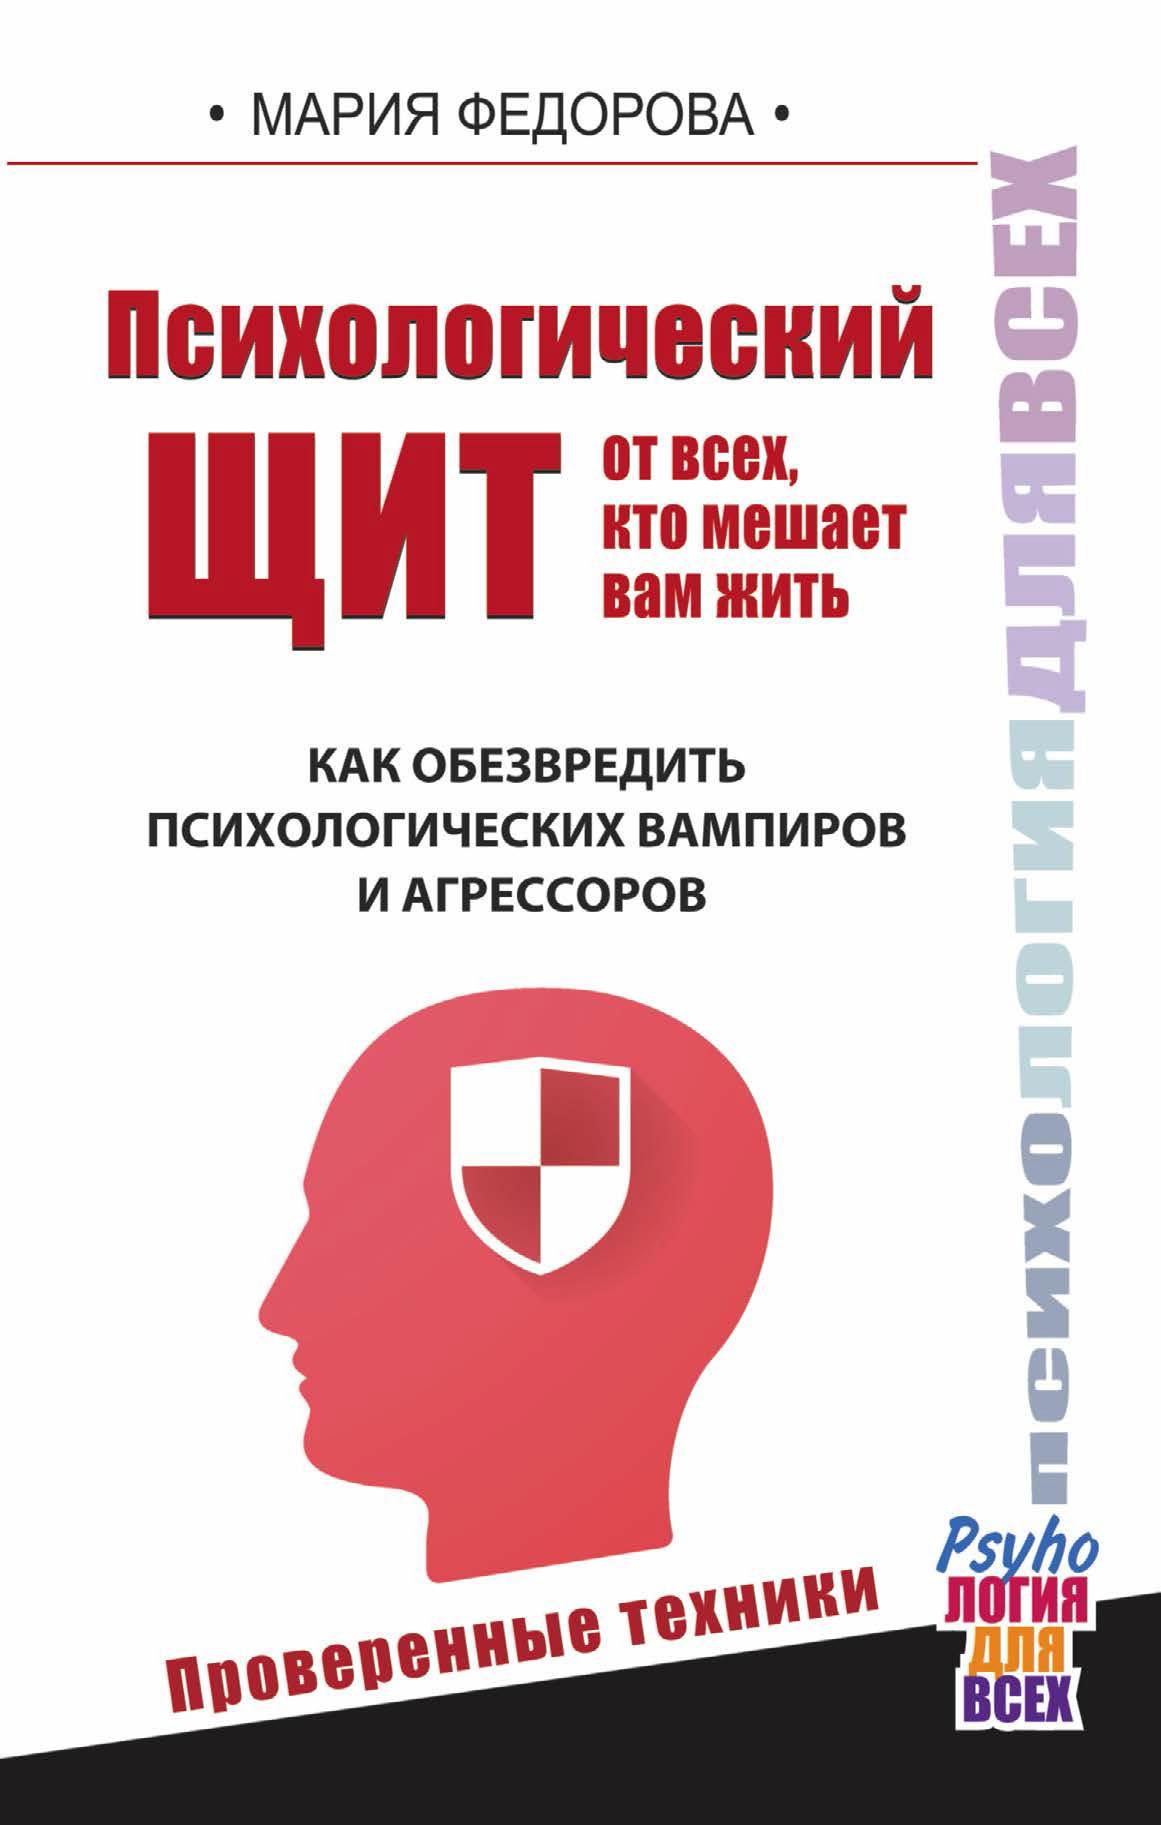 Мария Федорова Психологический щит от всех, кто мешает вам жить. Как обезвредить психологических вампиров и агрессоров